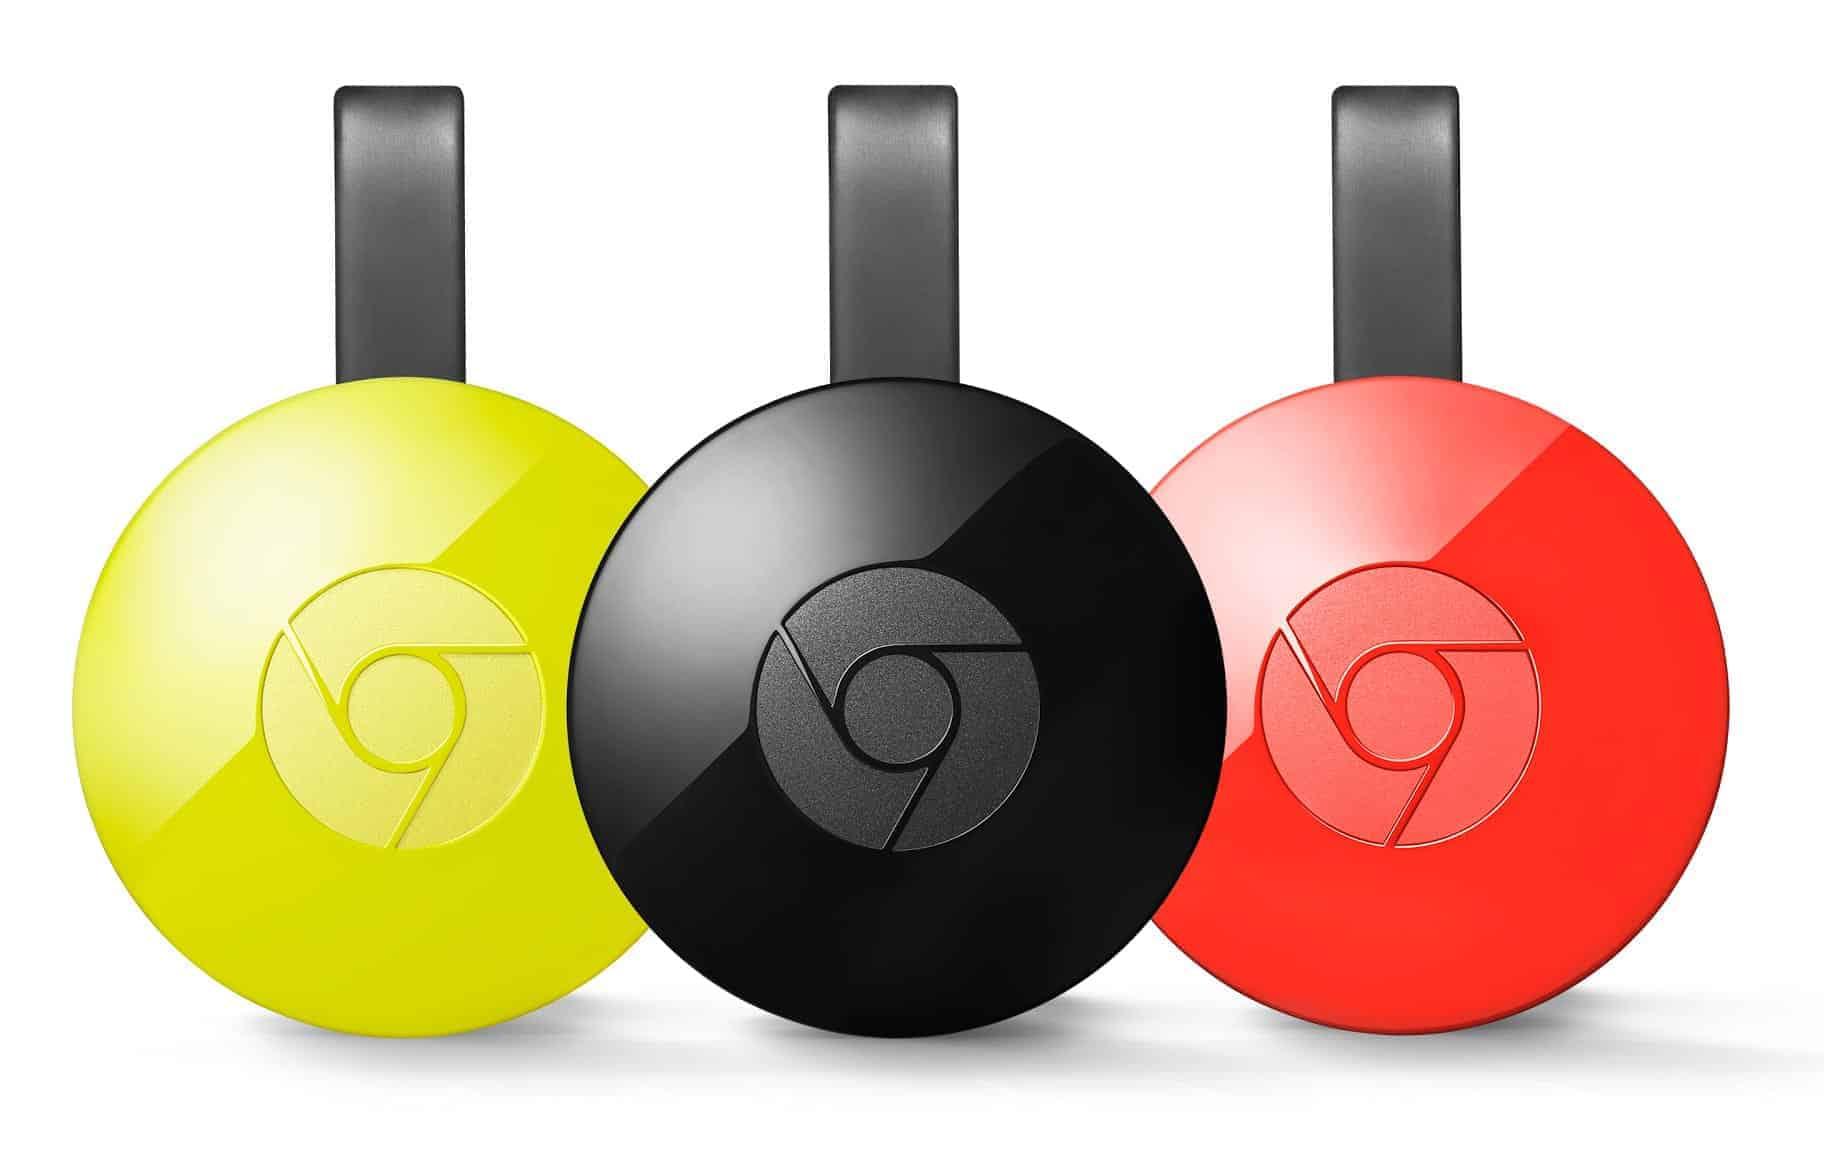 Google Chromecast Farben (Schwarz, Rot, Gelb)